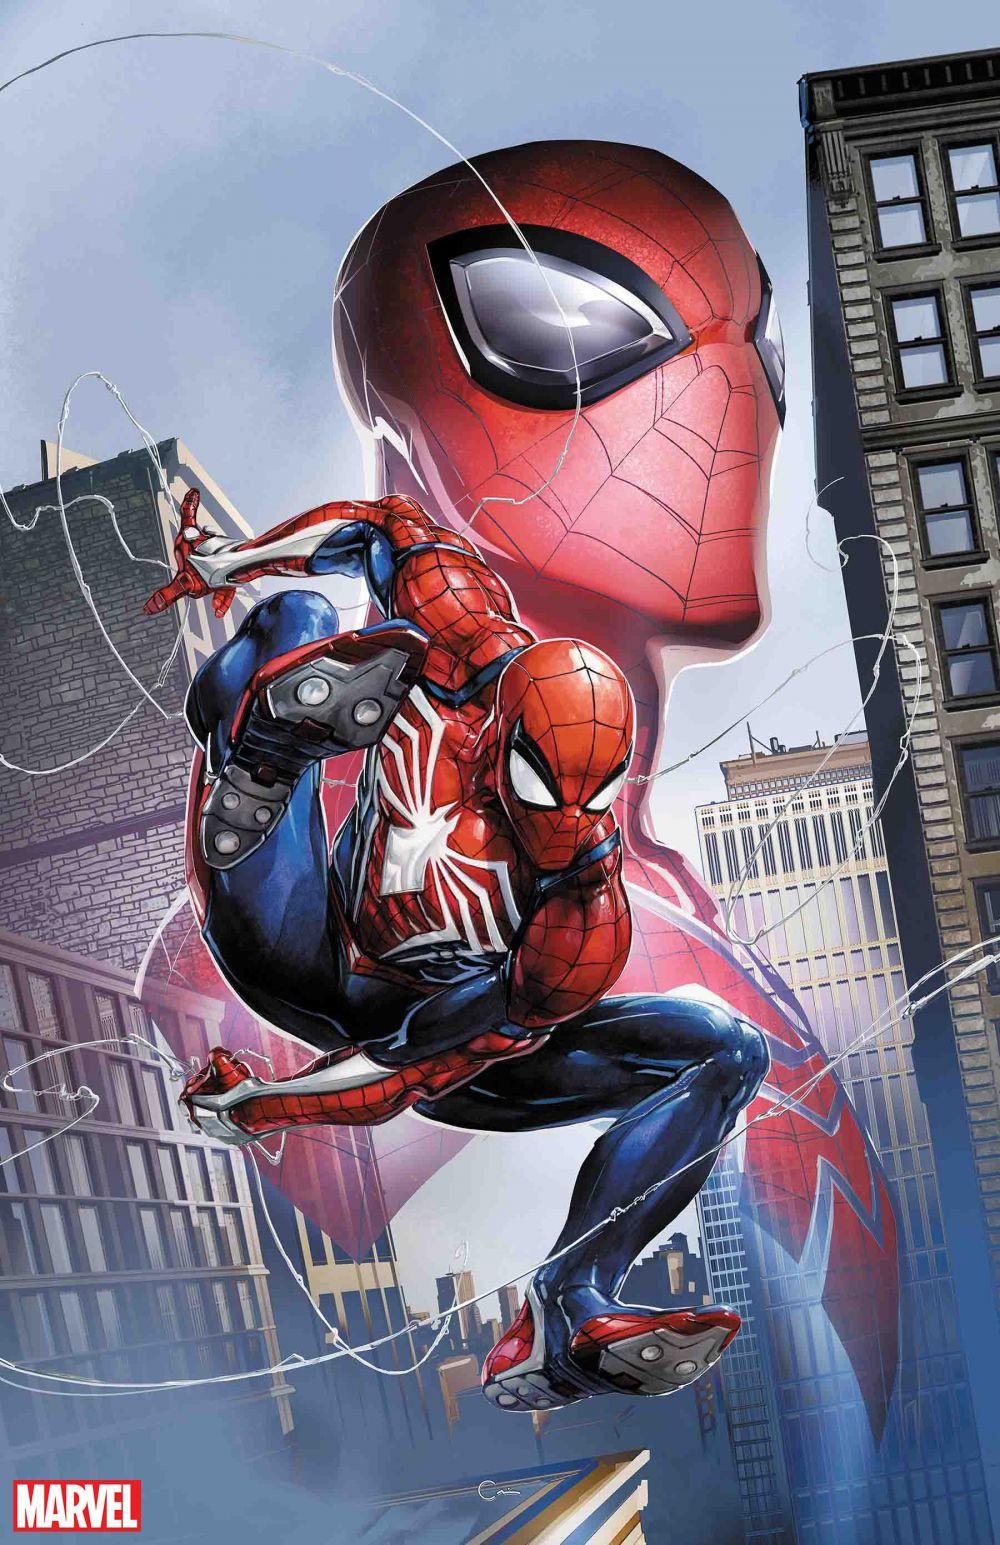 Человек-паук из новой игры Insomniac Games появится в комиксе